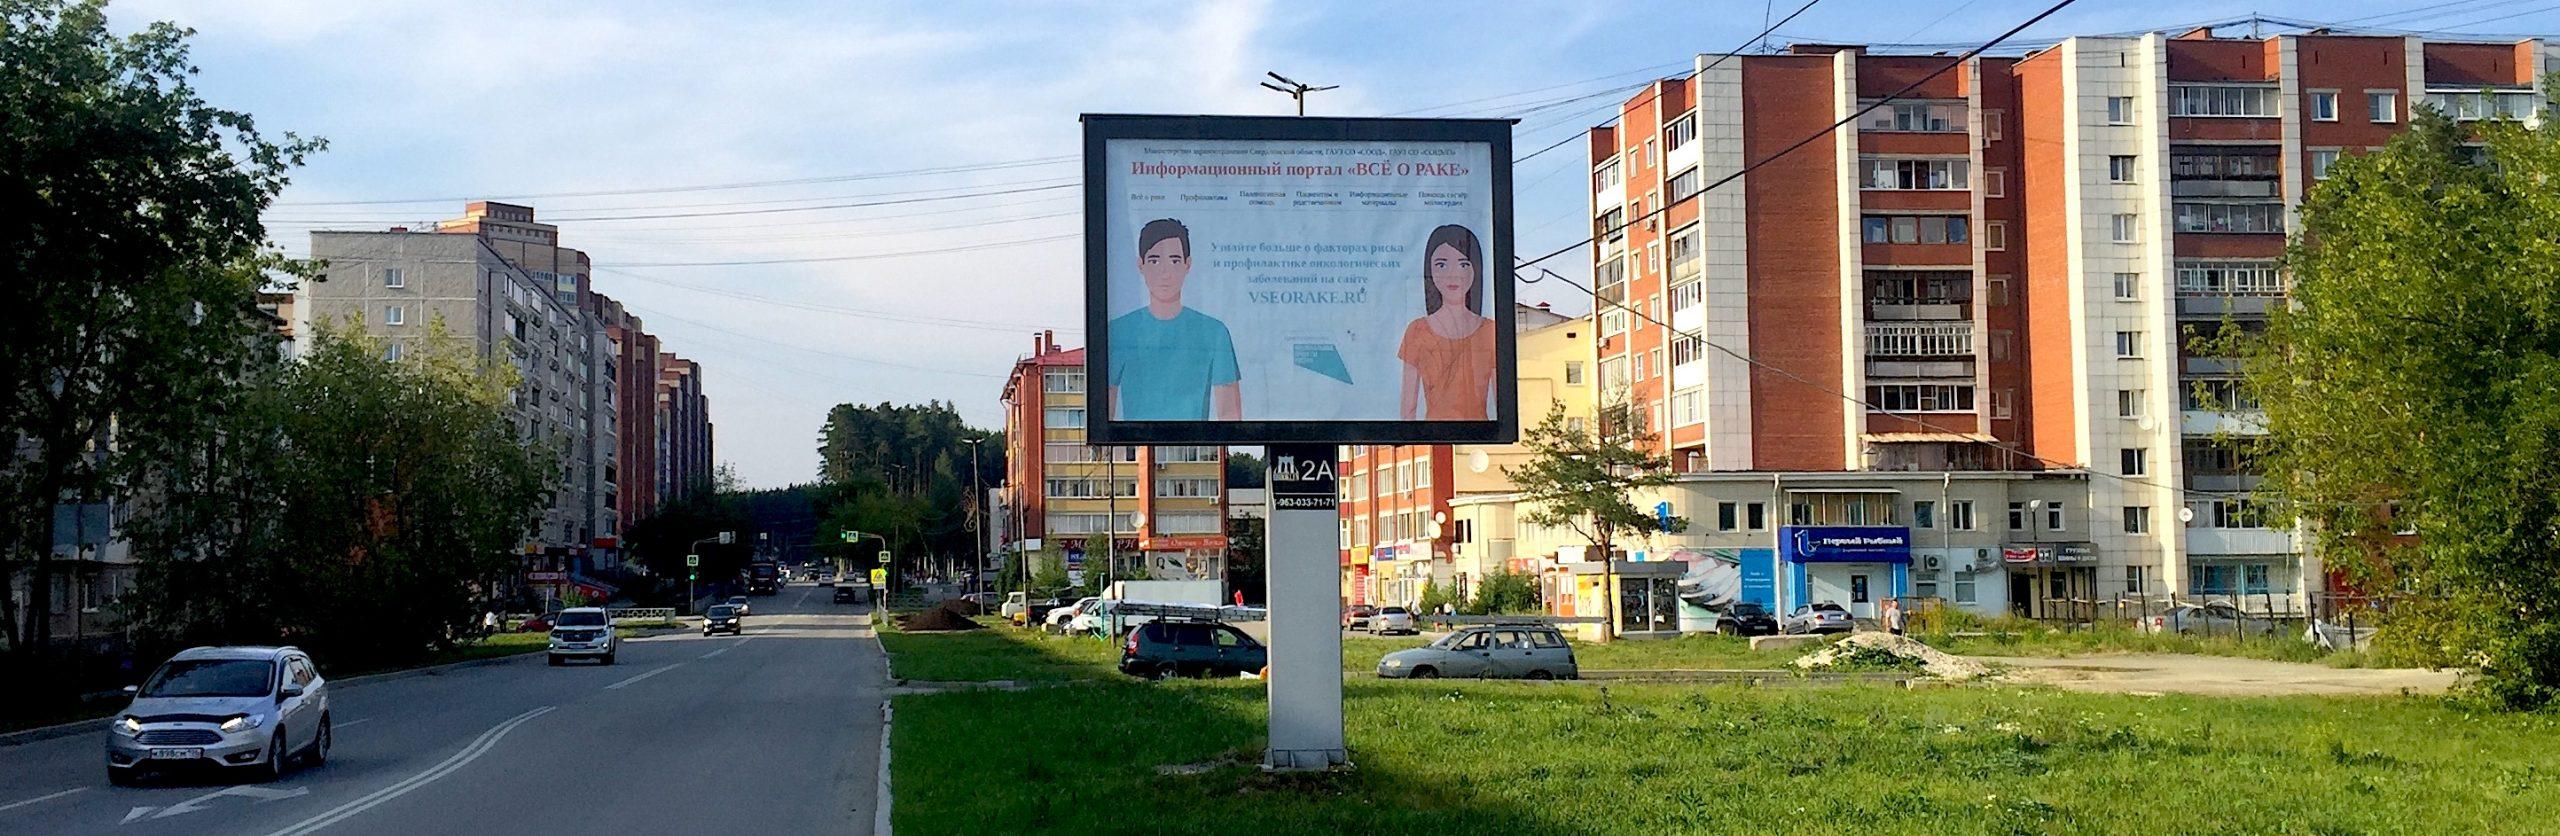 Рекламная кампания для министерства здравоохранения Свердловской области